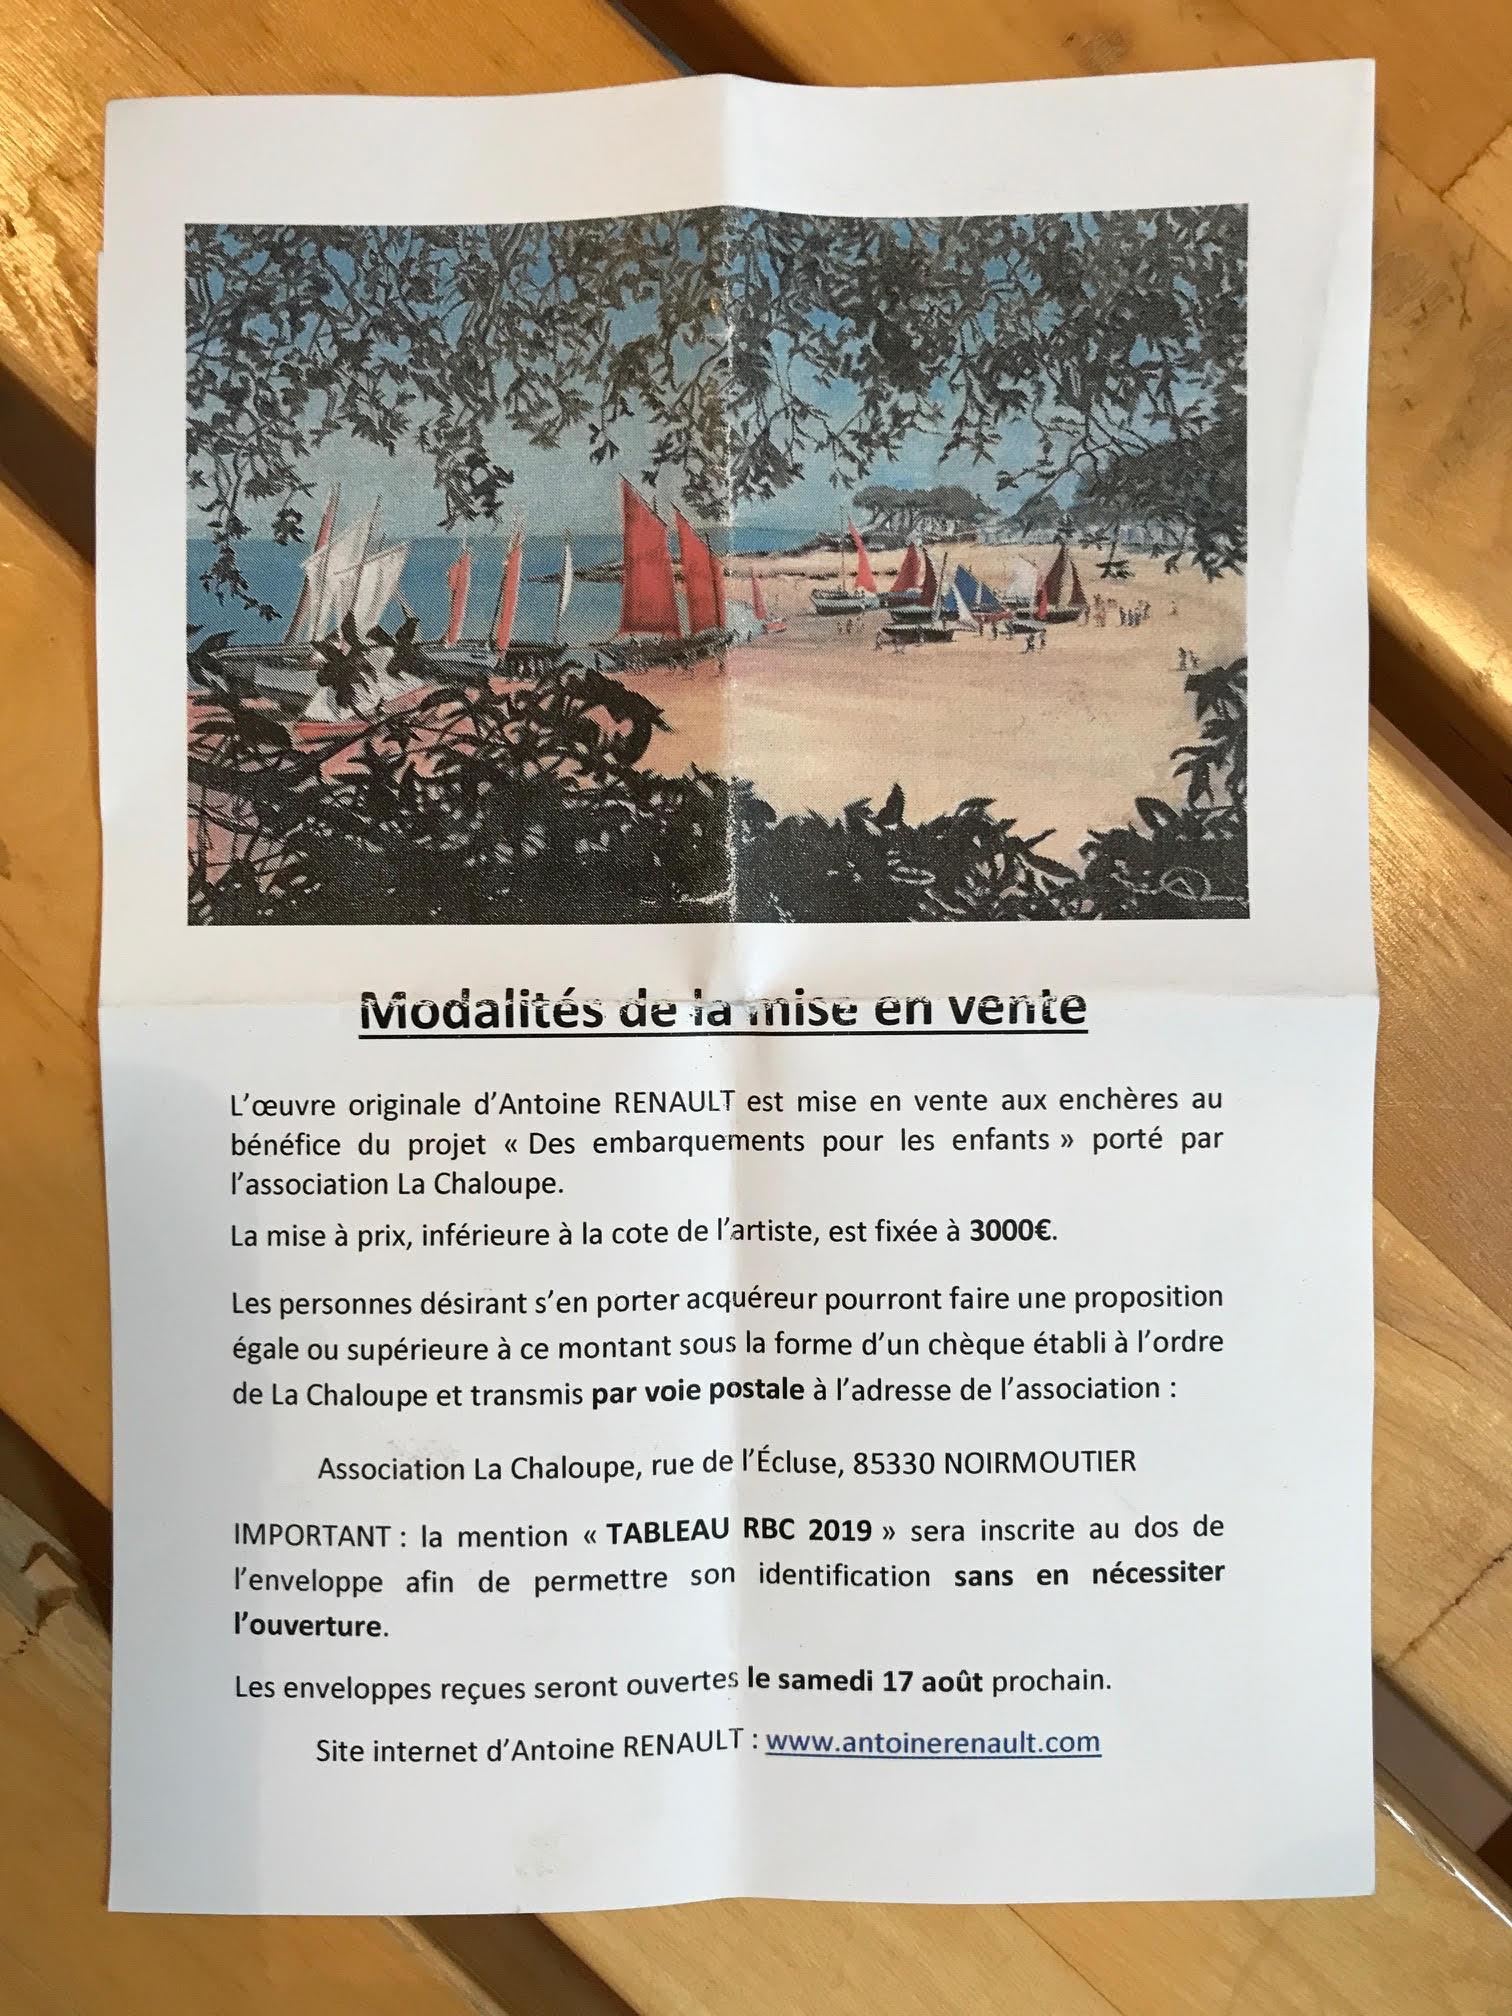 antoinerenault-noirmoutier-lachaloupe-venteauxencheres-2